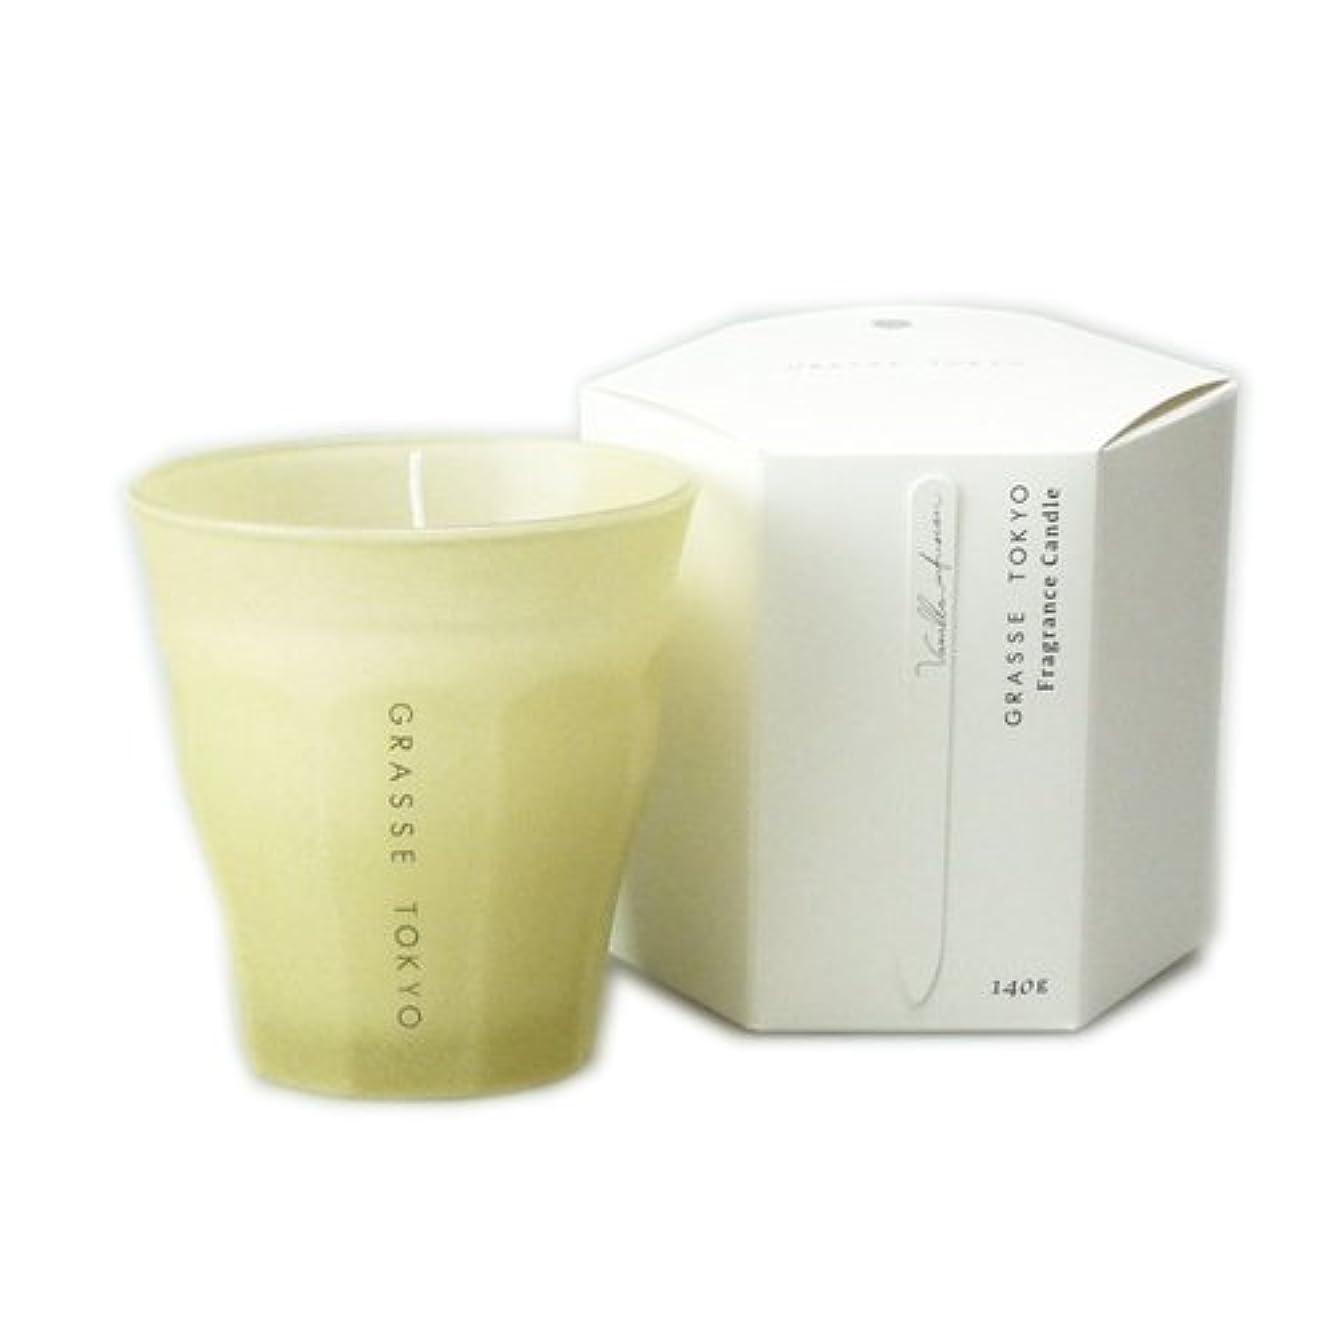 エールディスパッチ溶融グラーストウキョウ フレグランスキャンドル Vanilla infusion 140g